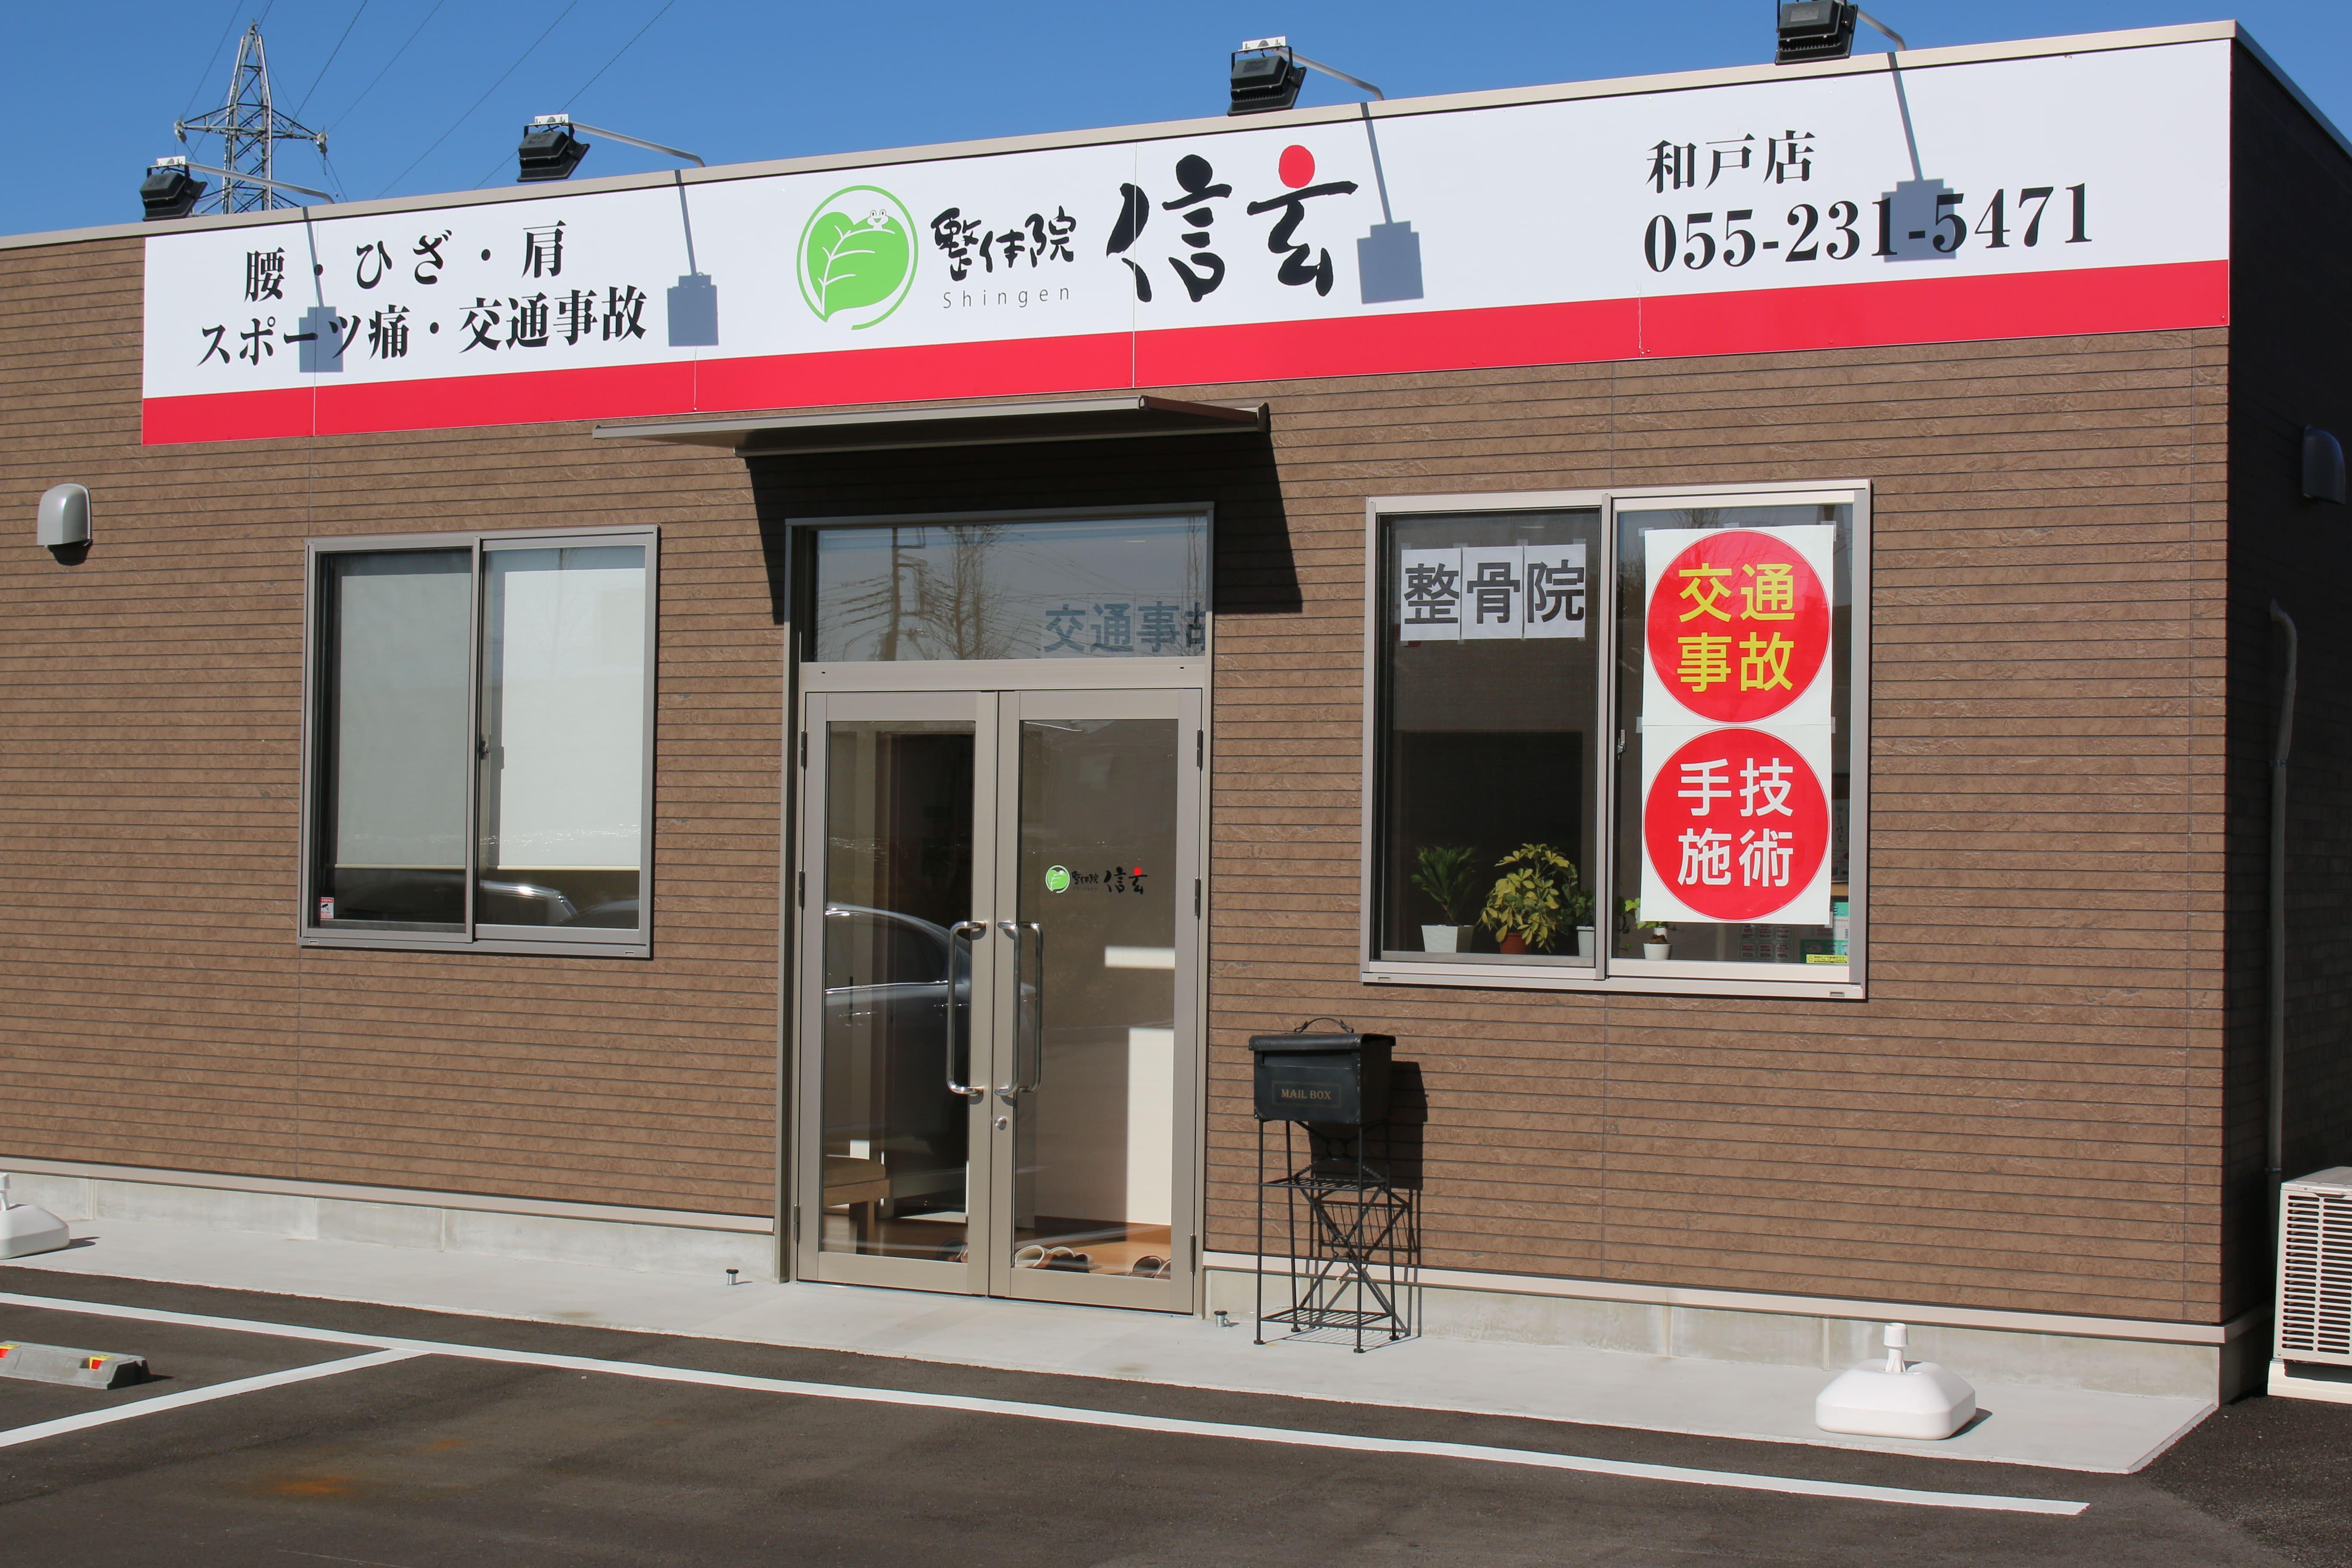 甲府和戸店の外観です。茶色の建物が目印です。